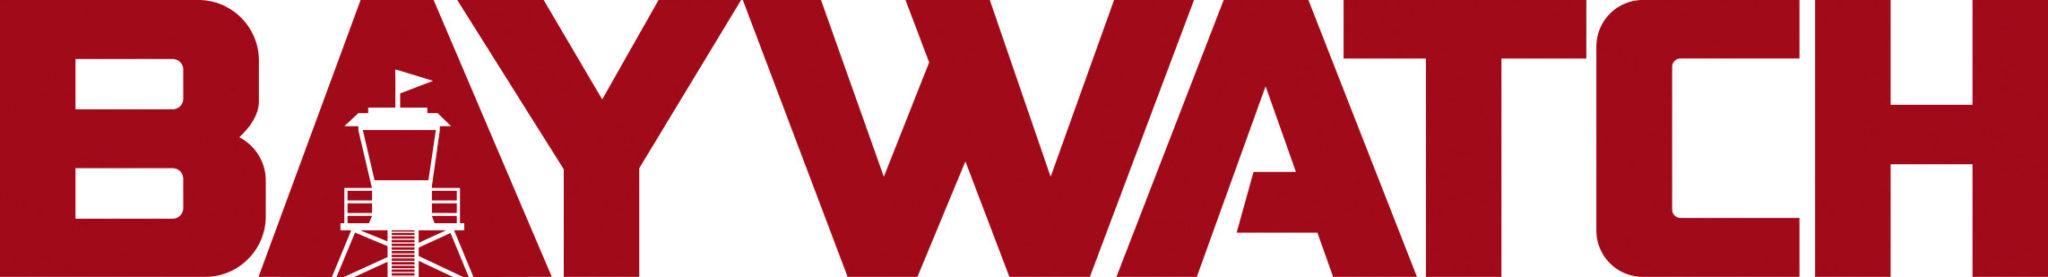 Baywatch: Nuovo trailer per il film con Dwayne Johnson e Zac Efron